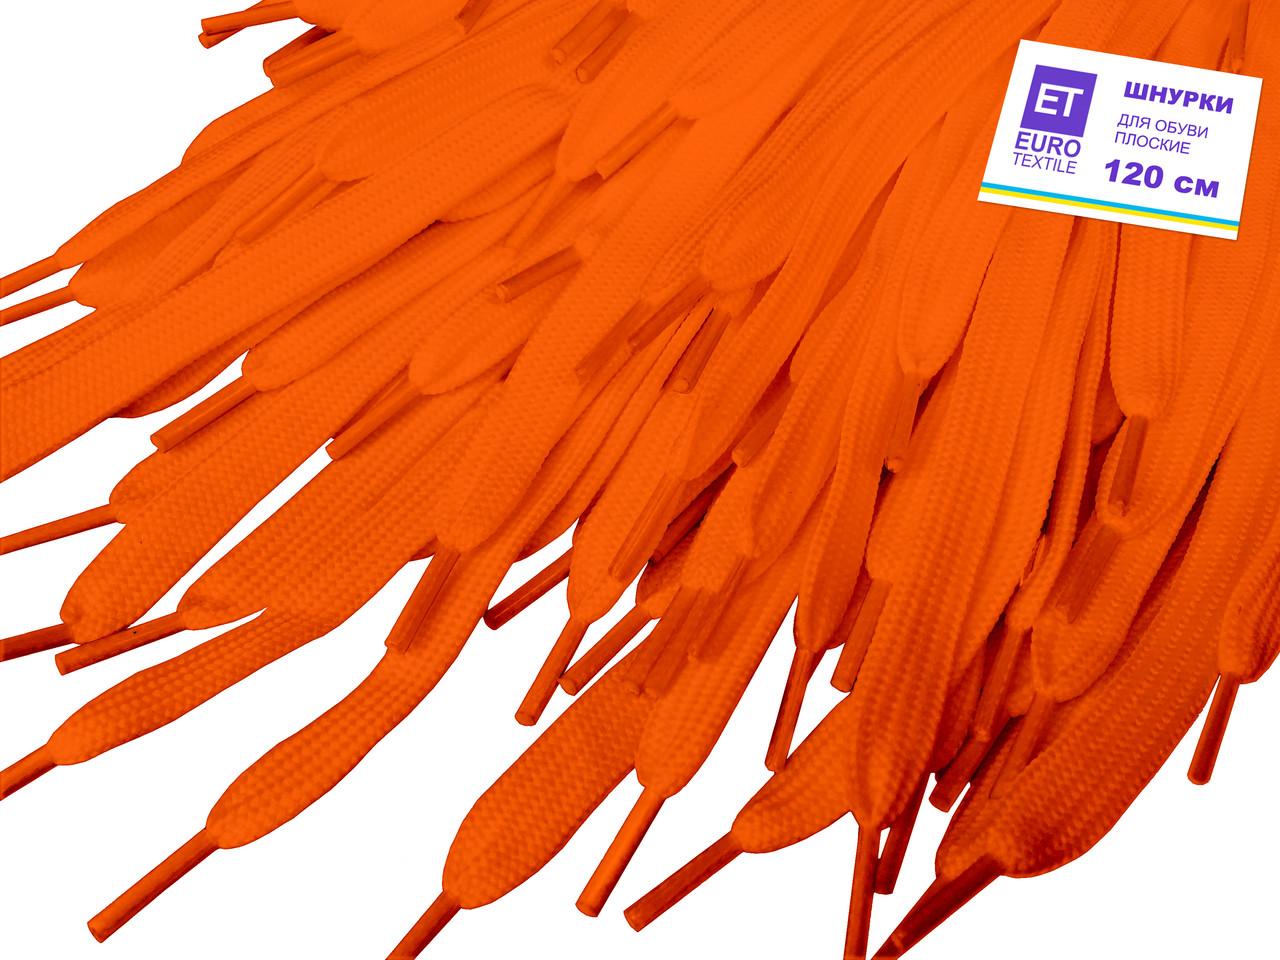 Шнурки для обуви (120см) плоские, оранжевые